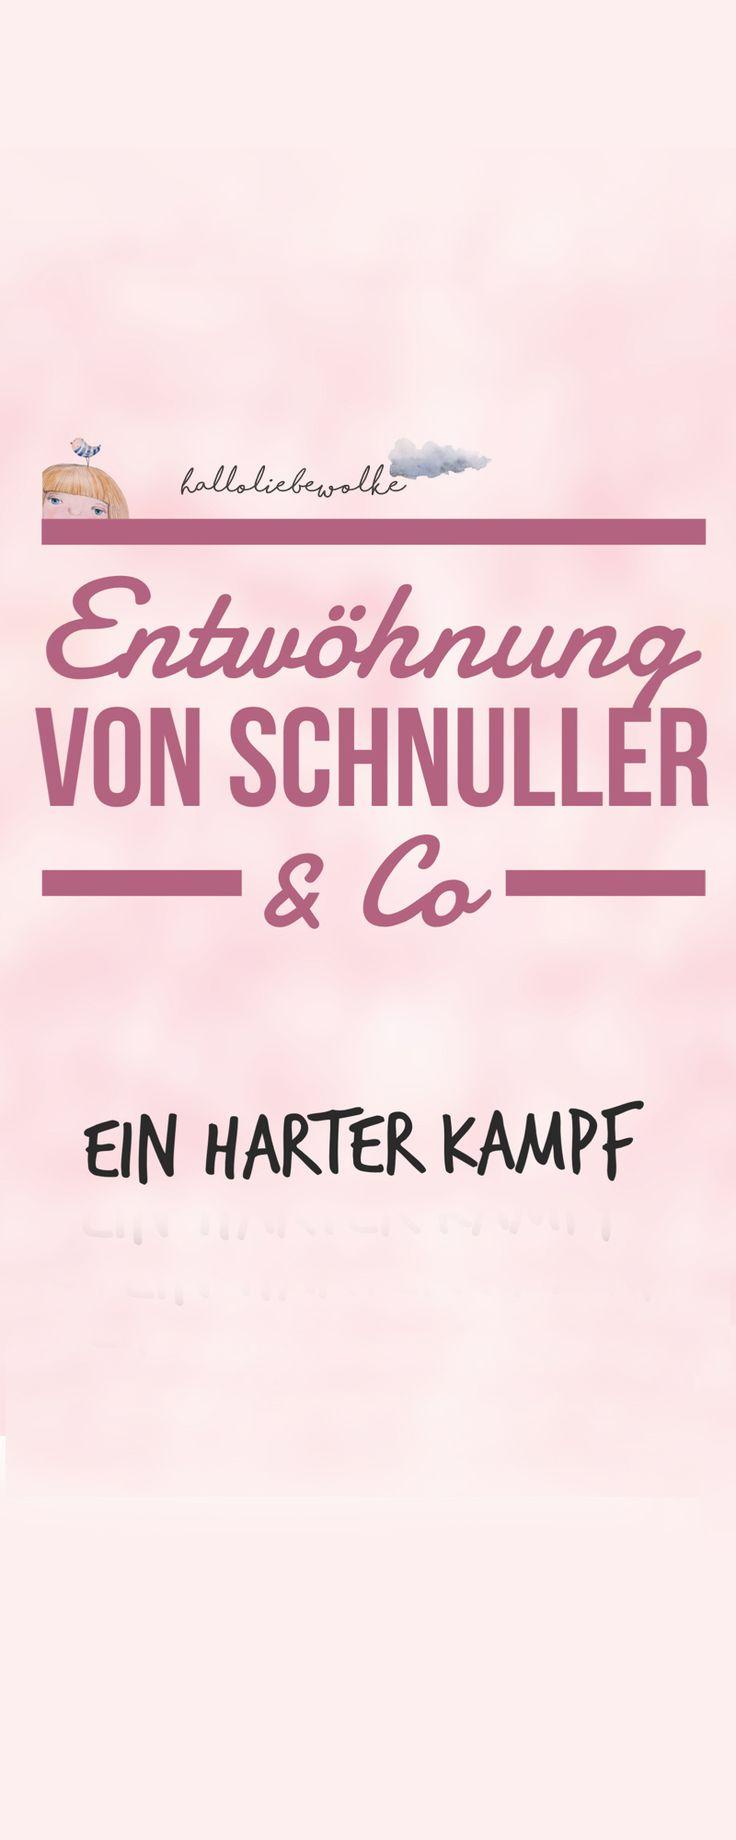 Entwöhnung von Schnuller & Co - das ist ein harter Kampf. Ob die Schnullerfee da helfen kann oder einfach nur Geduld und gute Nerven? Wie ich die Sache mit der Schnullerentwöhnung sehe und warum manche Dinge eben ihre Zeit brauchen... ;)